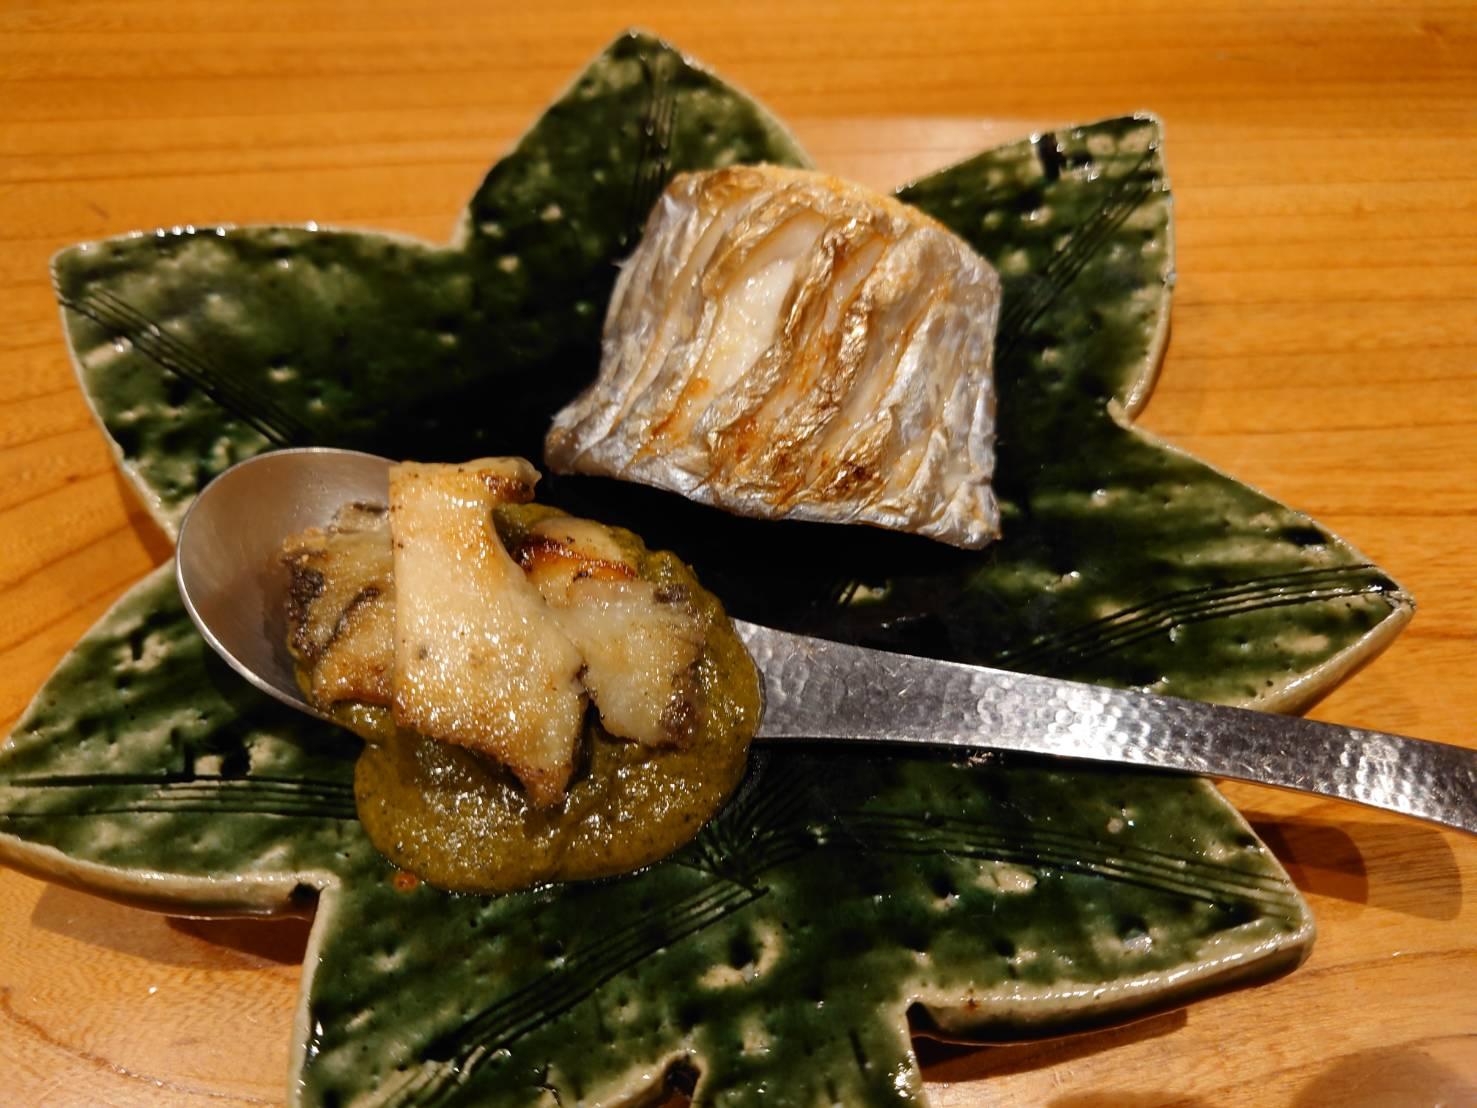 【日本料理みつわ】太刀魚・白皮<p>千葉県竹岡より太刀魚、 愛媛県八幡浜より白皮を入荷いたしました。 ドラゴン太刀魚と呼ばれる極太肉厚の立派な太刀魚は、 焼き物でお召し上がりいただきました。 貴重な白皮(シロアマダイ)は、 程よい脂と甘い身が美味。 昆布〆 […]</p>